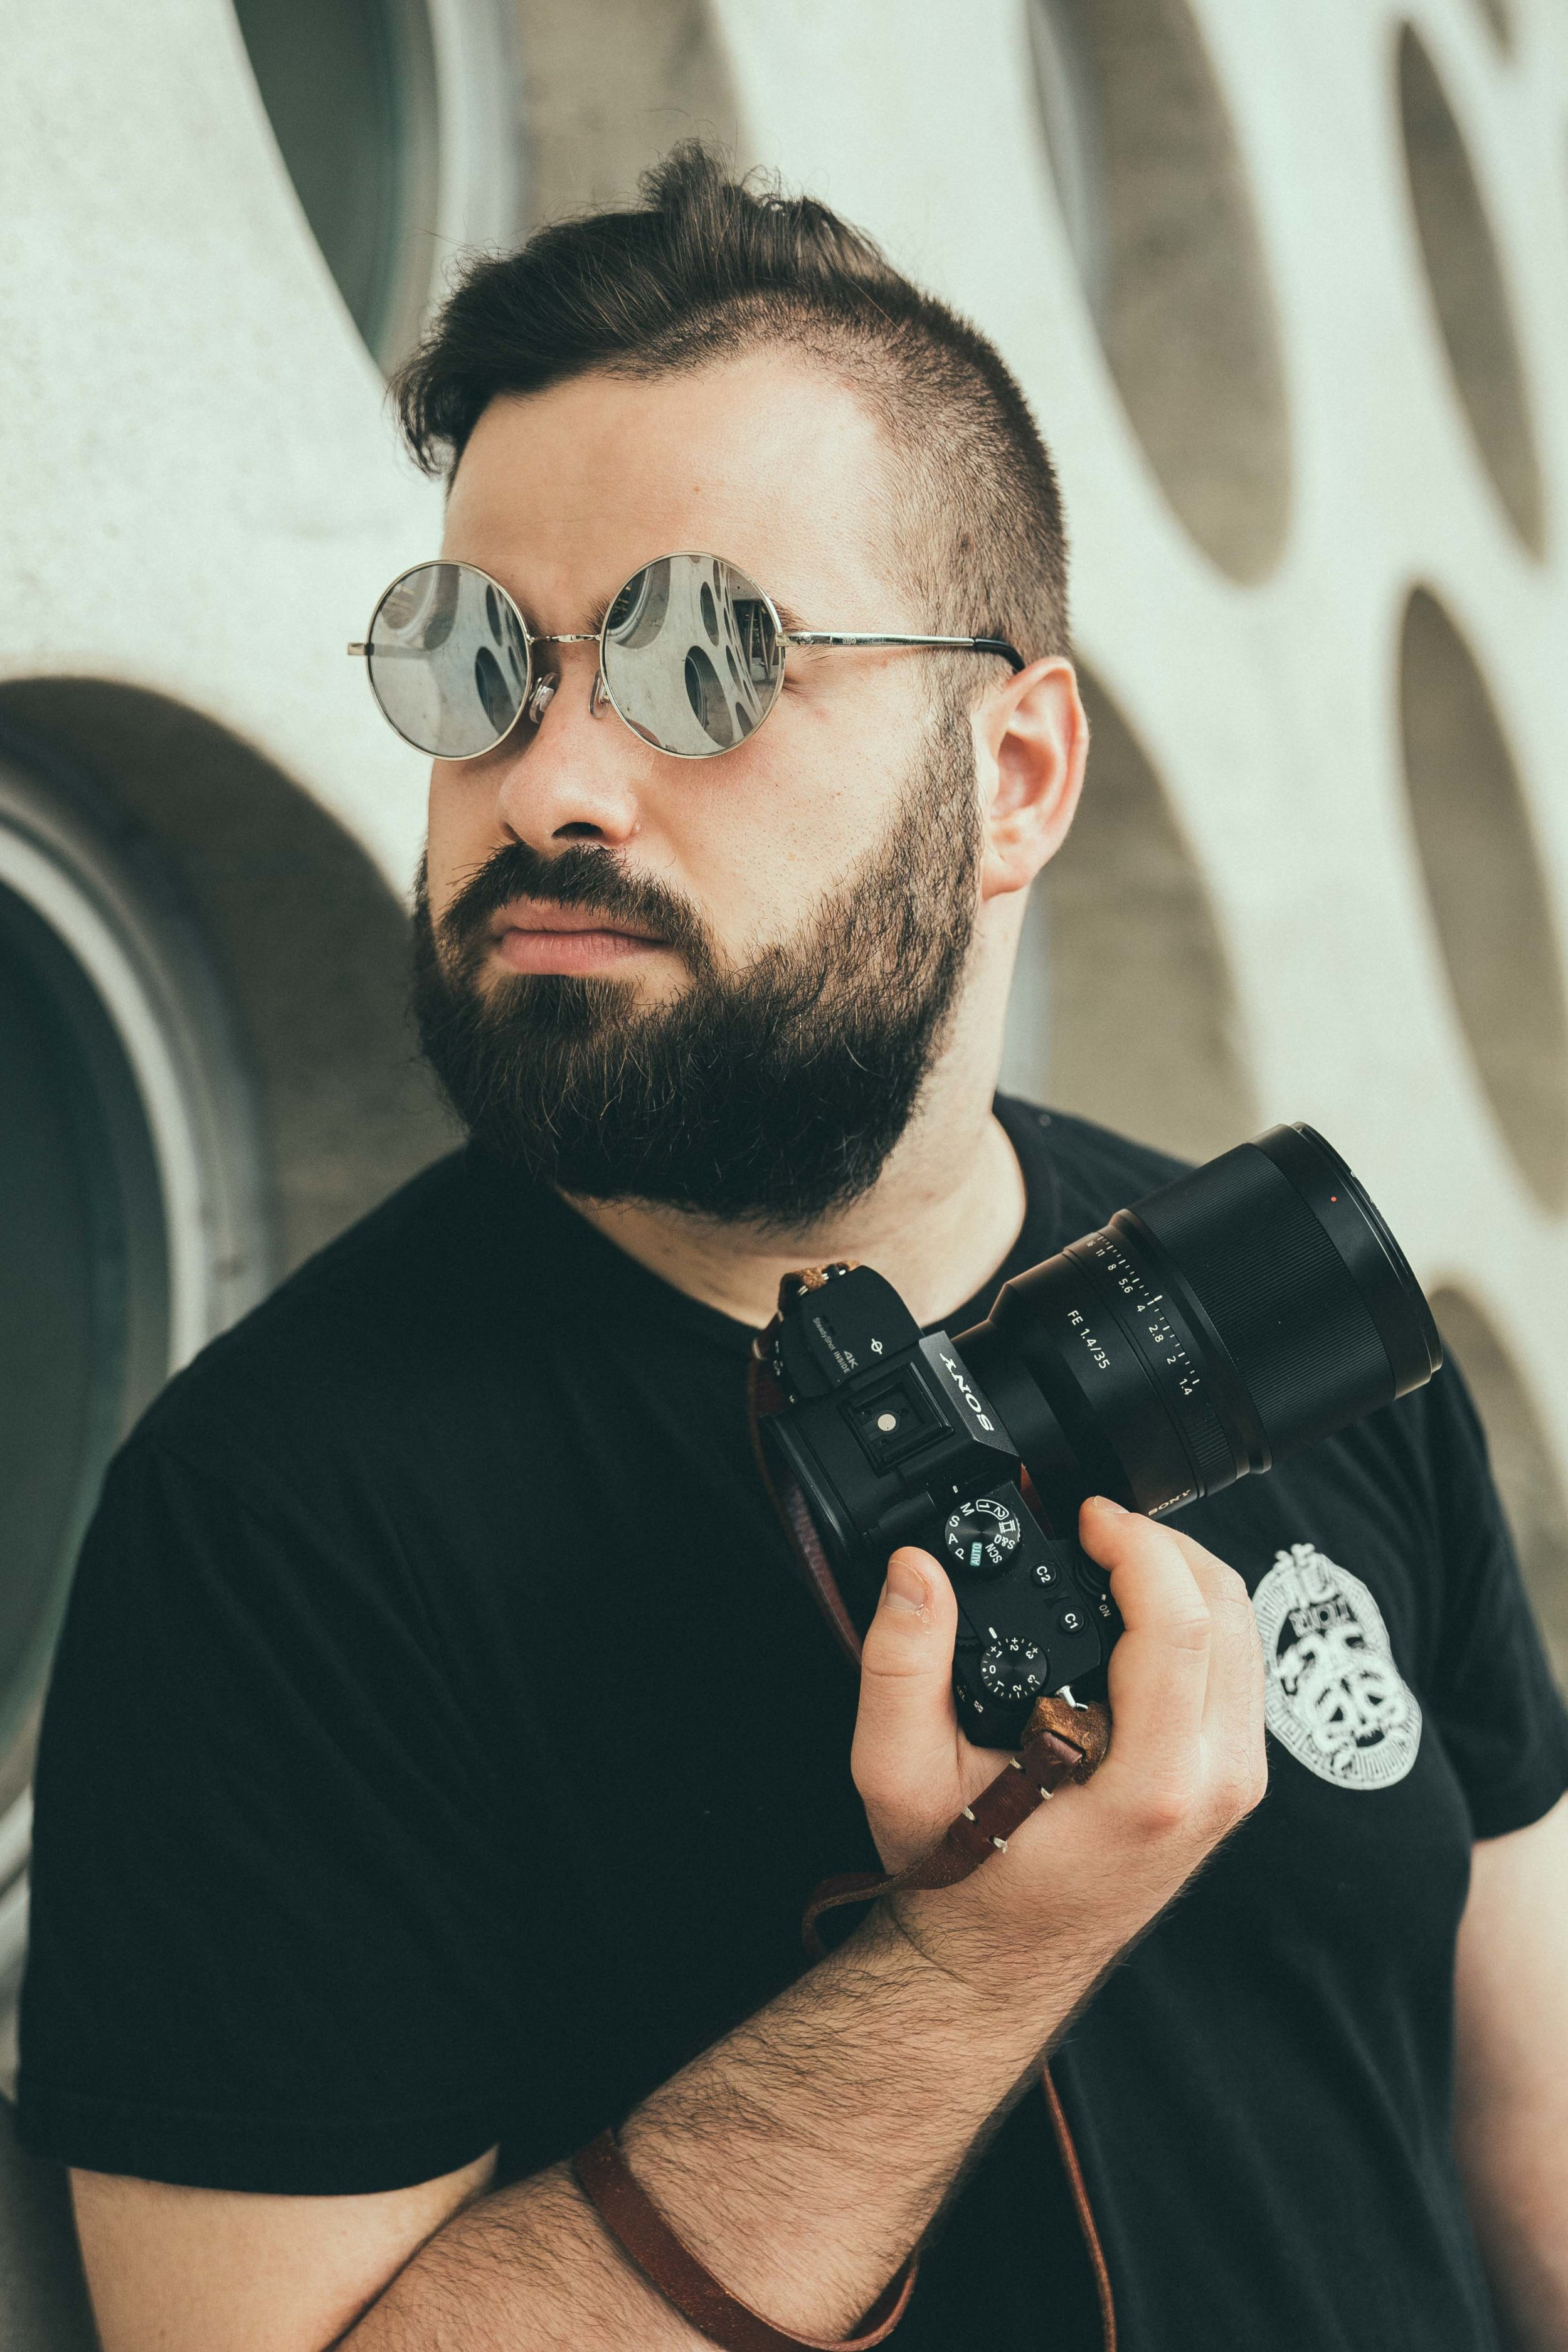 Sascha Oberholzer - Sascha ist seit über 6 Jahren Fotograf und Influencer.In dieser Zeit hat er unter anderem für diverse Brands wie z. Bsp. Brandy Melville, Zebra Fashion, Dosenbach uvm. geshootet.Auch mit diversen Influencern shootet er regelmässig und weiss genau auf was es ankommt um ein attraktives Profil zu haben.